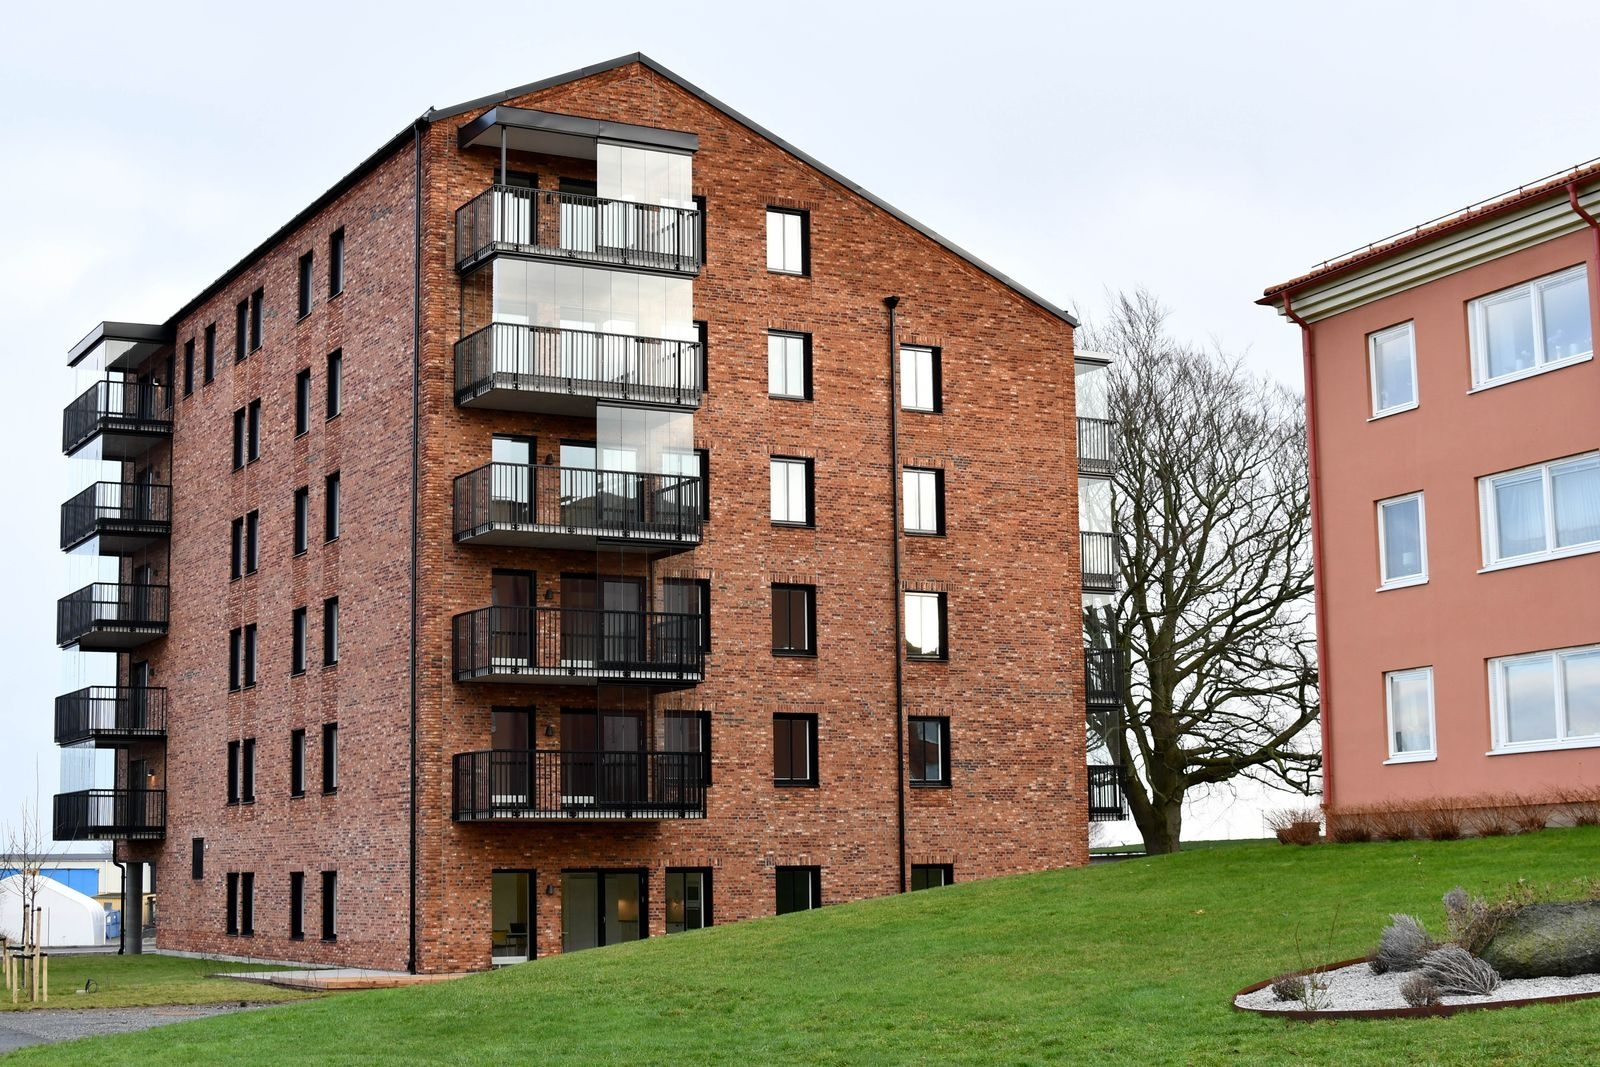 Byggstarten för Stora magasinet på Skansenområdet i Simrishamn gick i december 2019. I början av veckan fick ägarna tillträde till sina nya lägenheter.